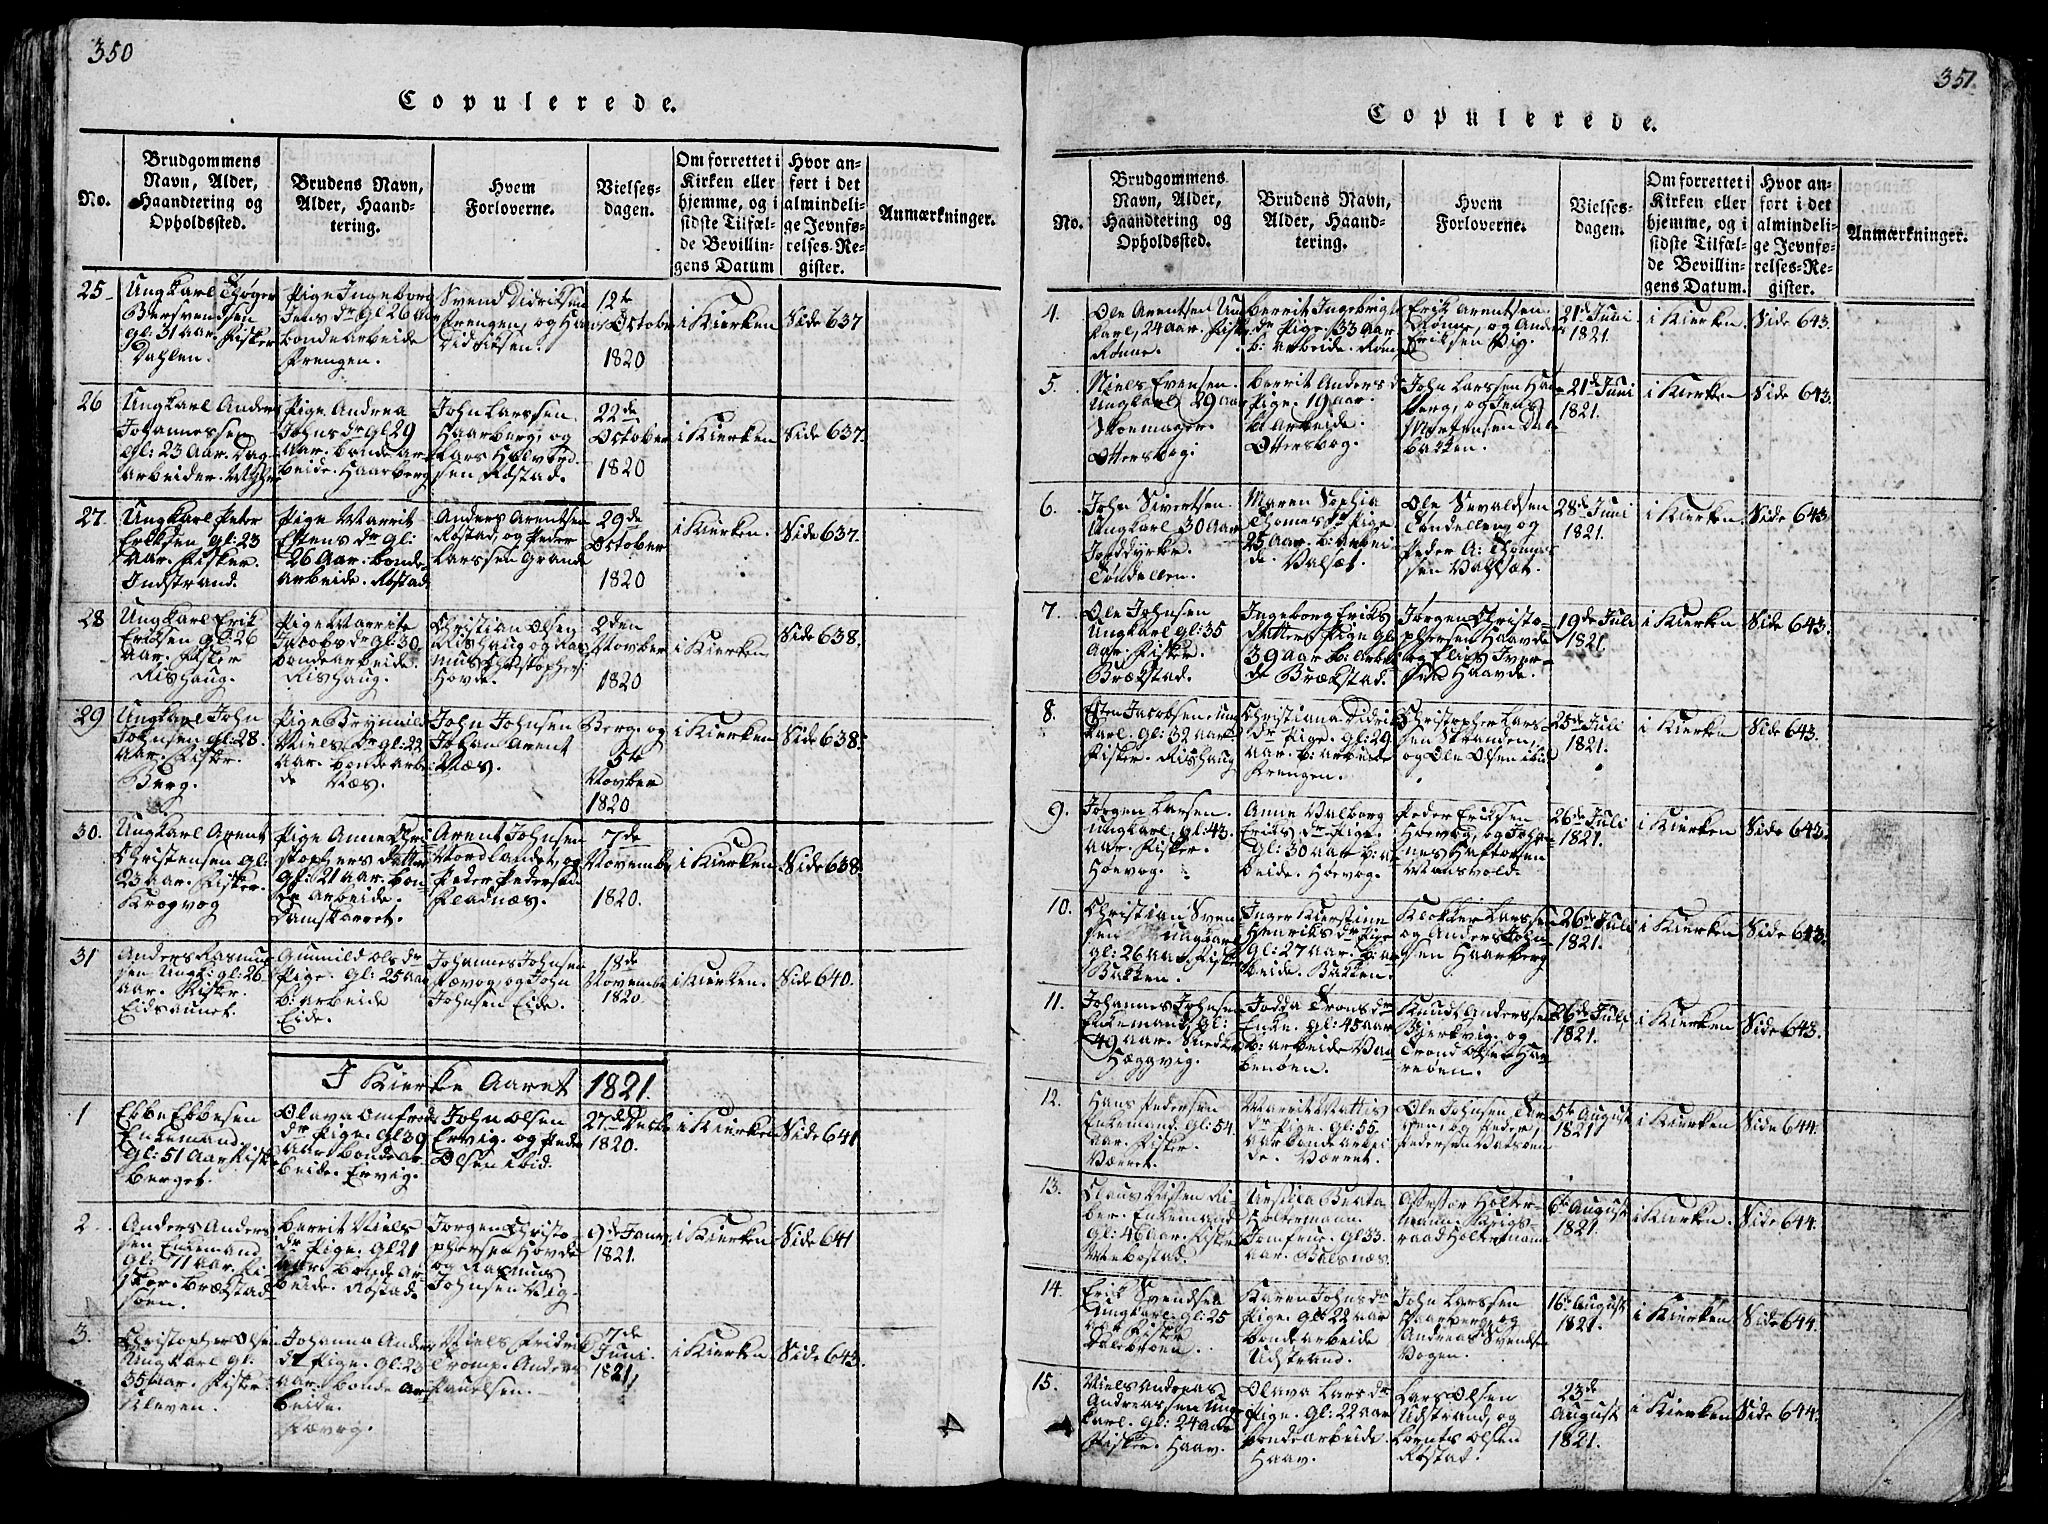 SAT, Ministerialprotokoller, klokkerbøker og fødselsregistre - Sør-Trøndelag, 659/L0744: Klokkerbok nr. 659C01, 1818-1825, s. 350-351